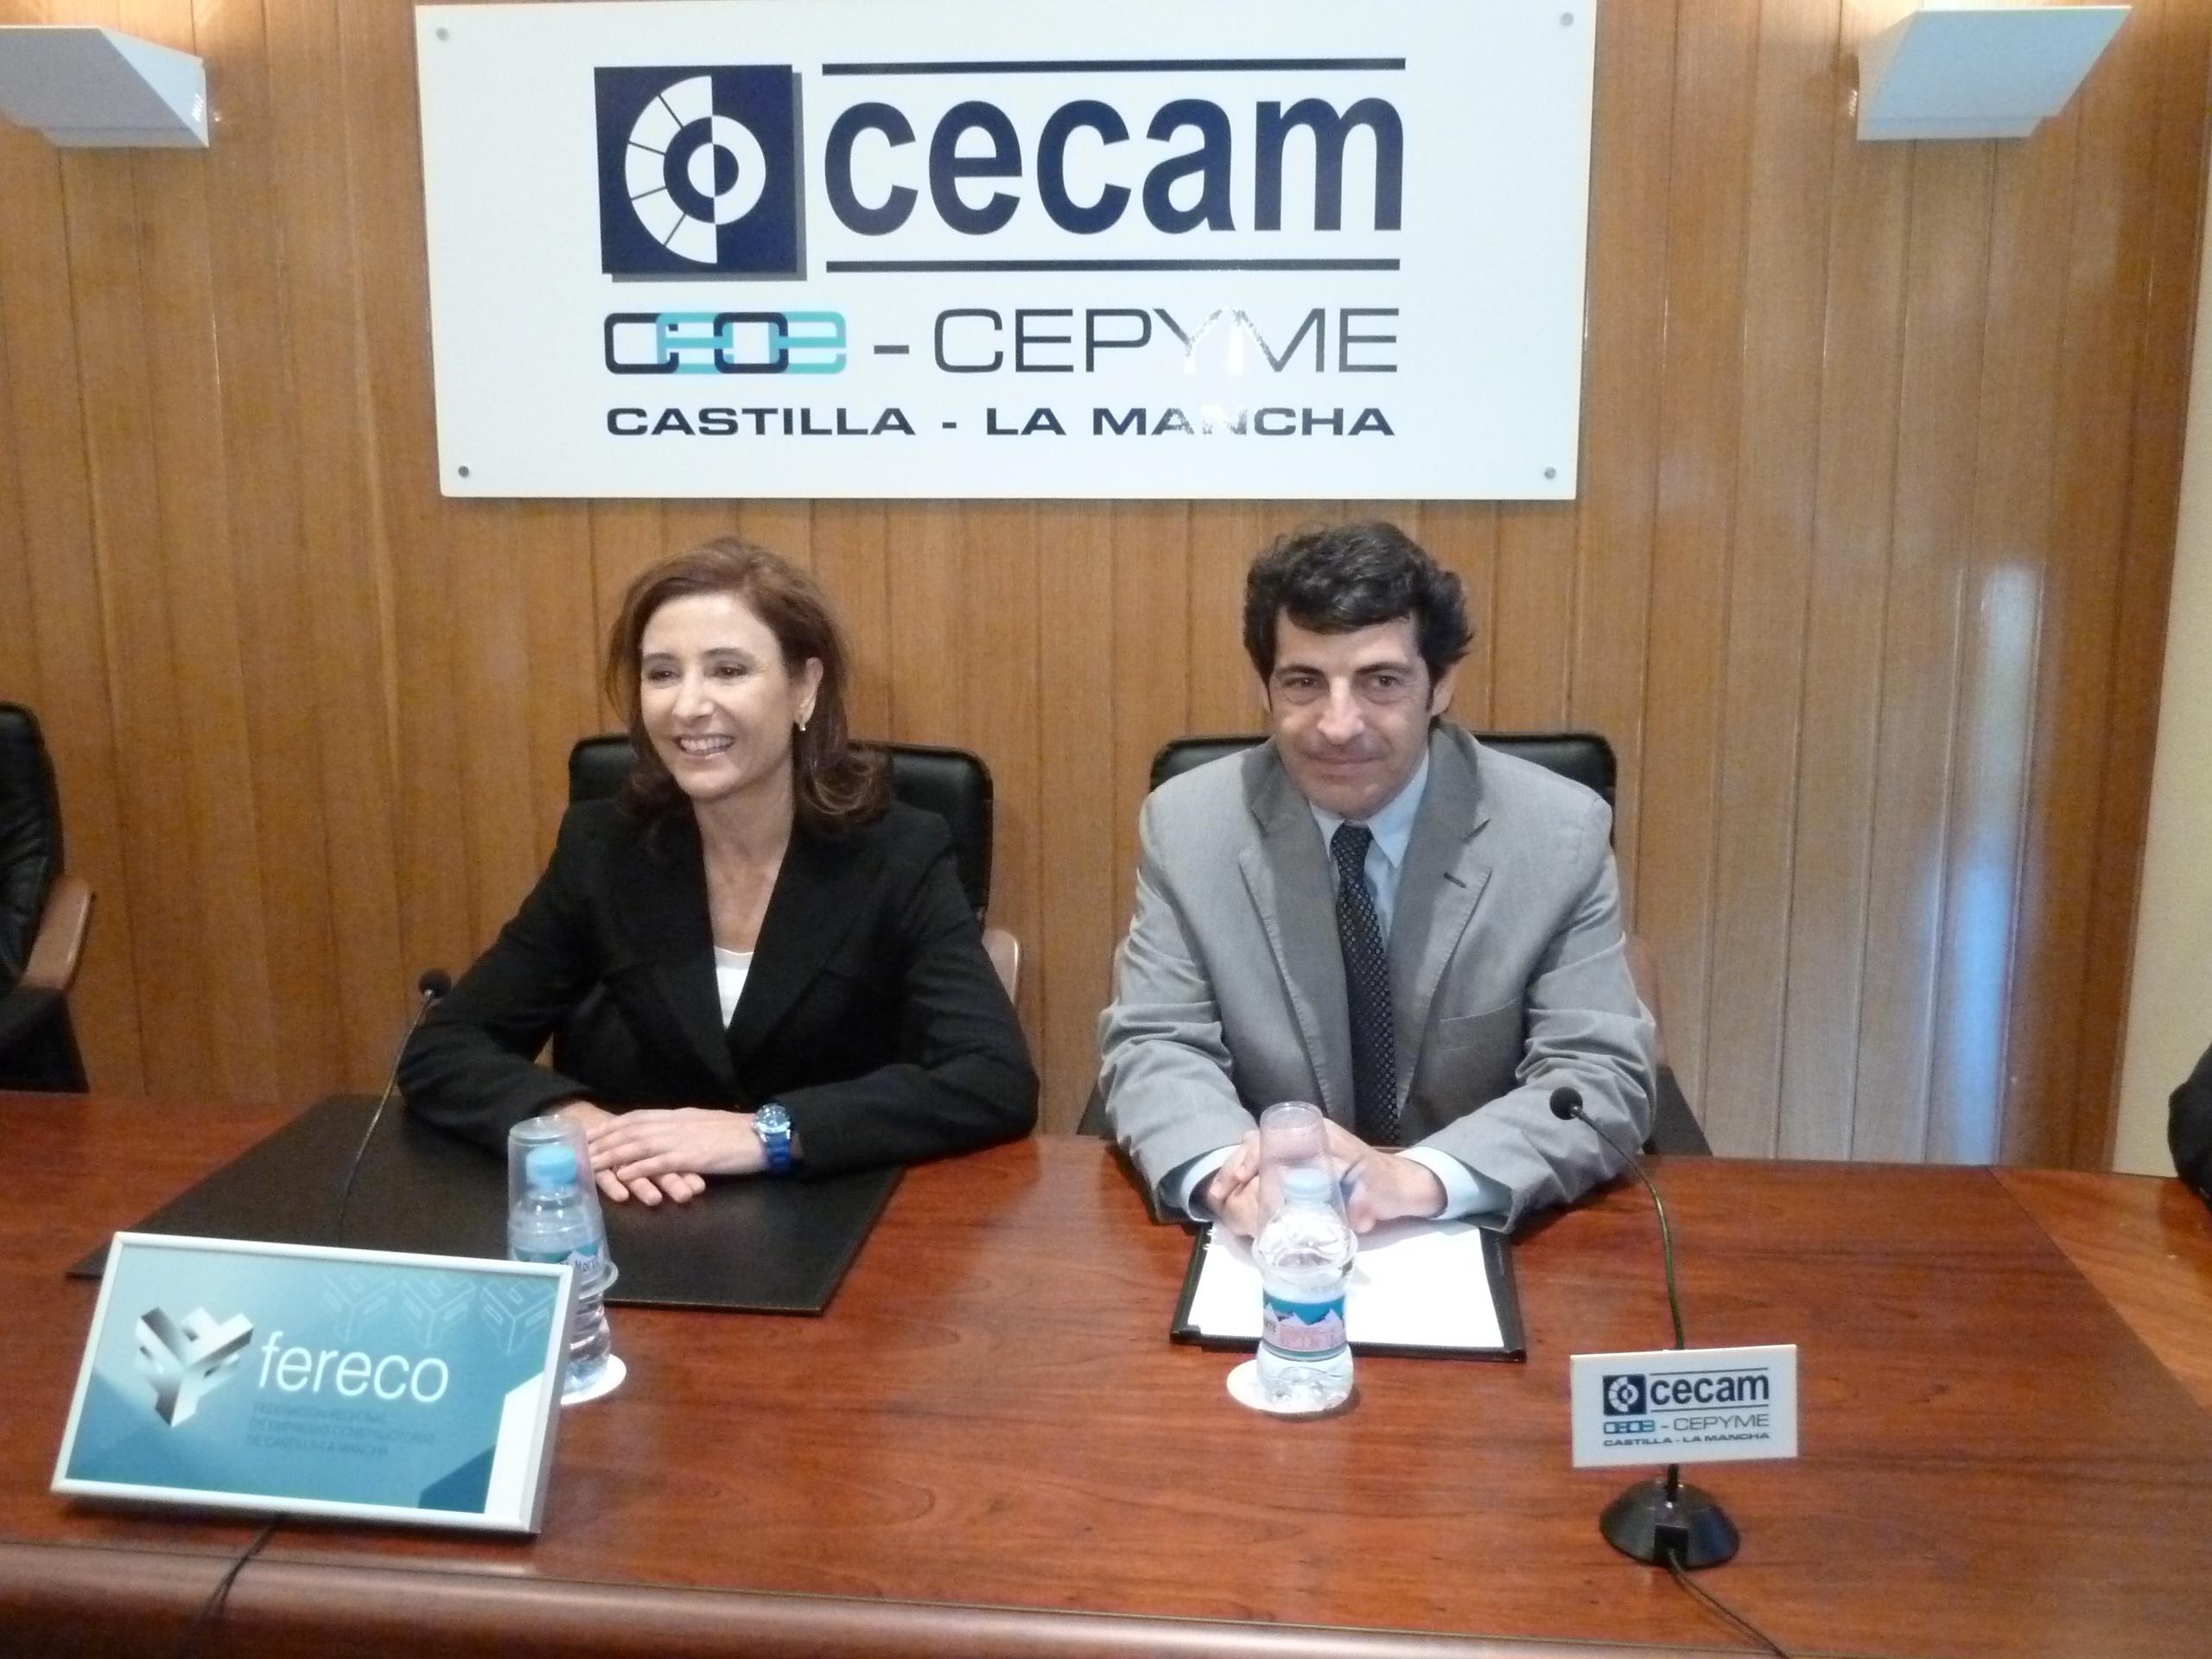 Empresas constructoras de C-LM piden agilidad administrativa en la concesión de ayudas a la rehabilitación de viviendas